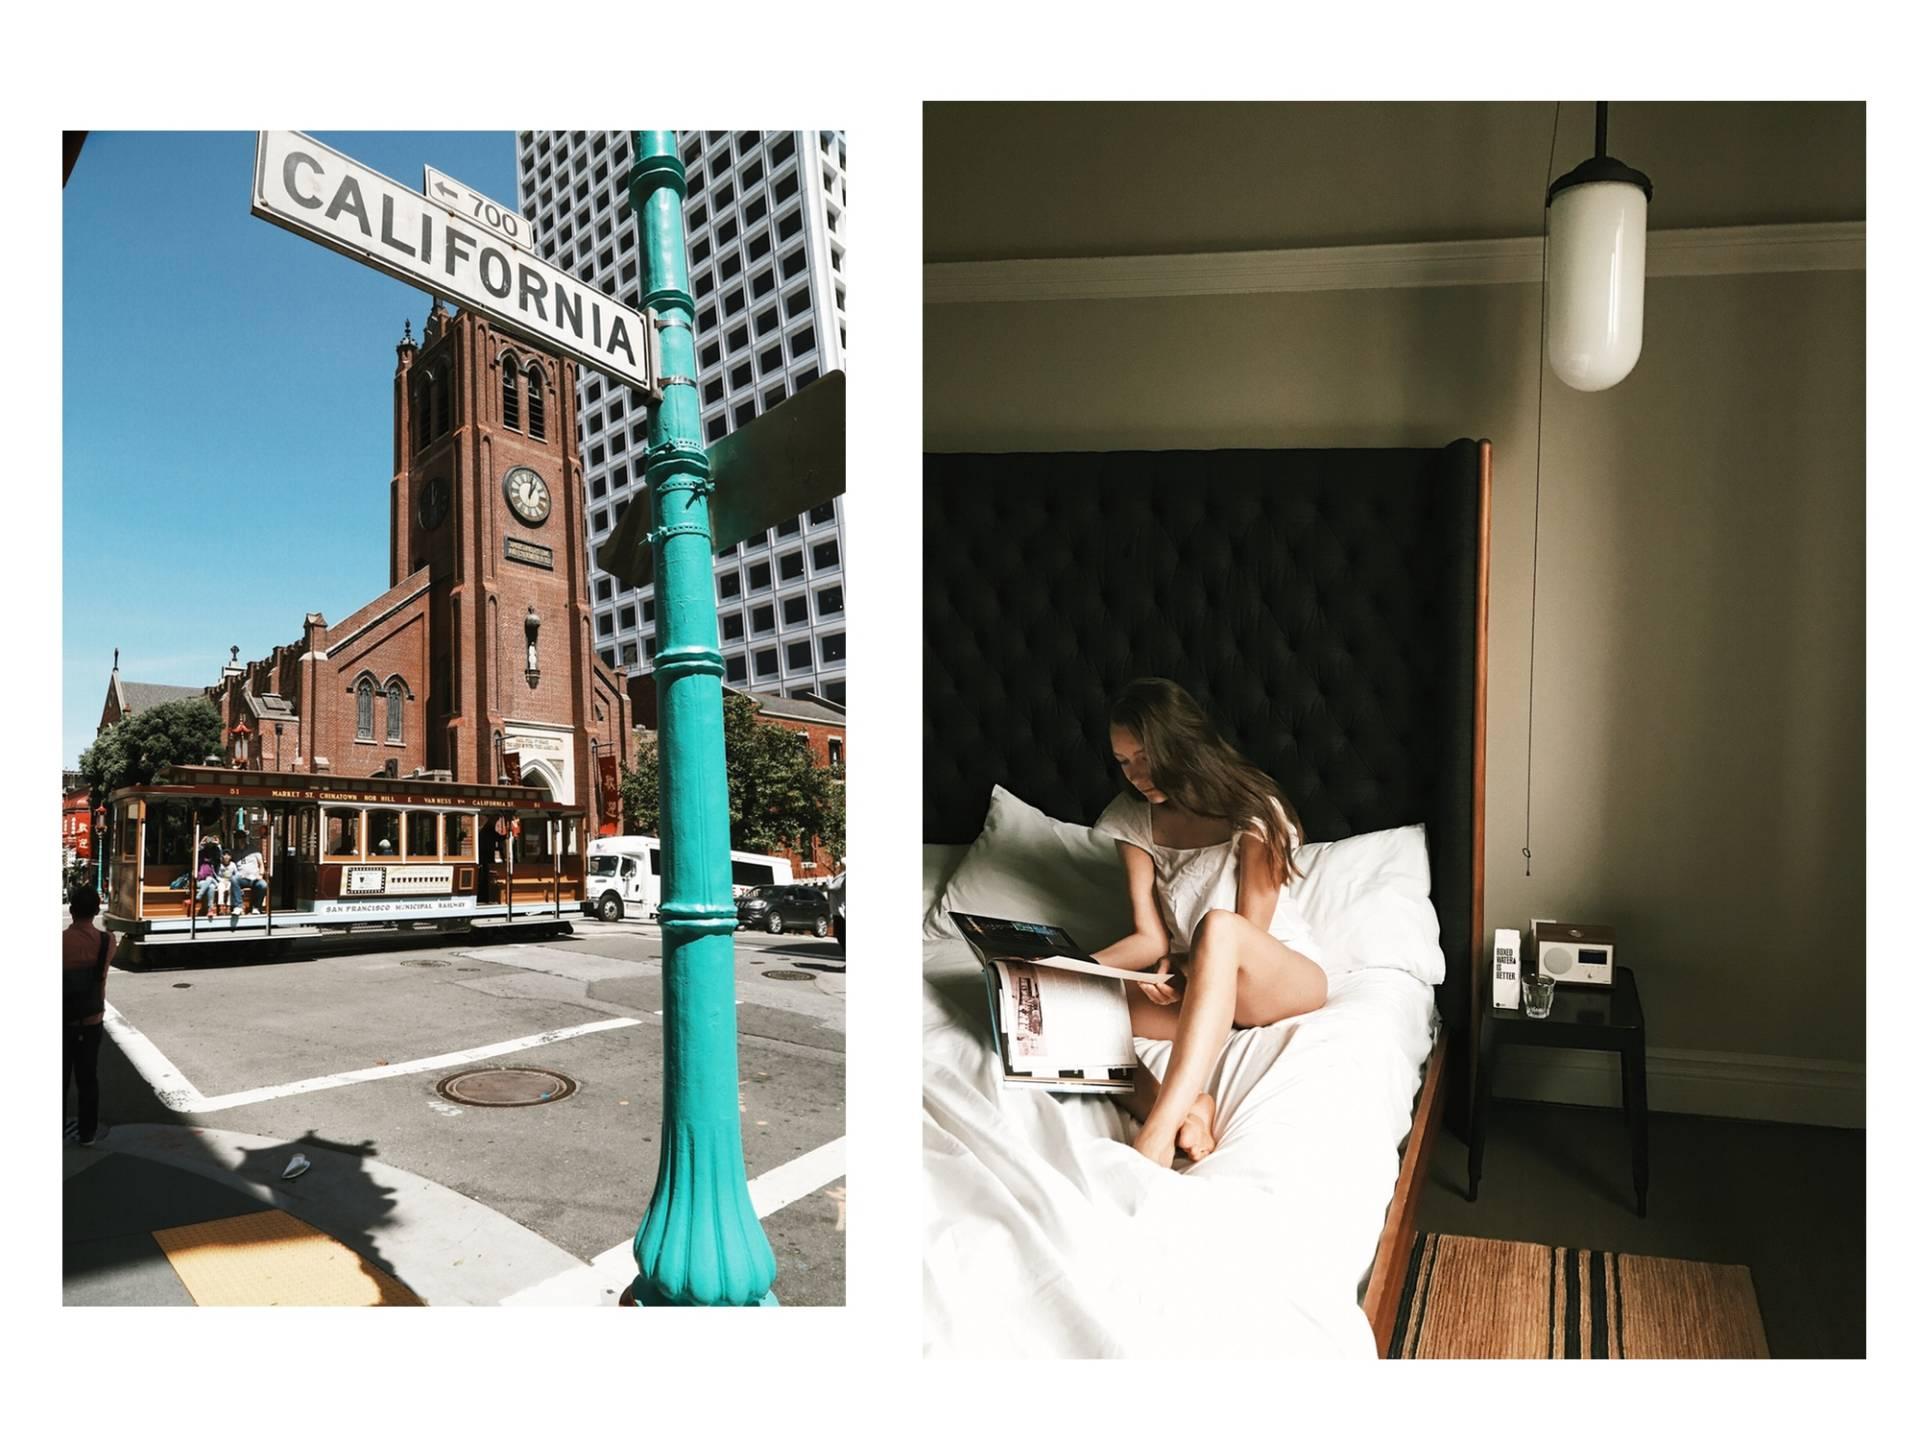 sanfran_hotel_g